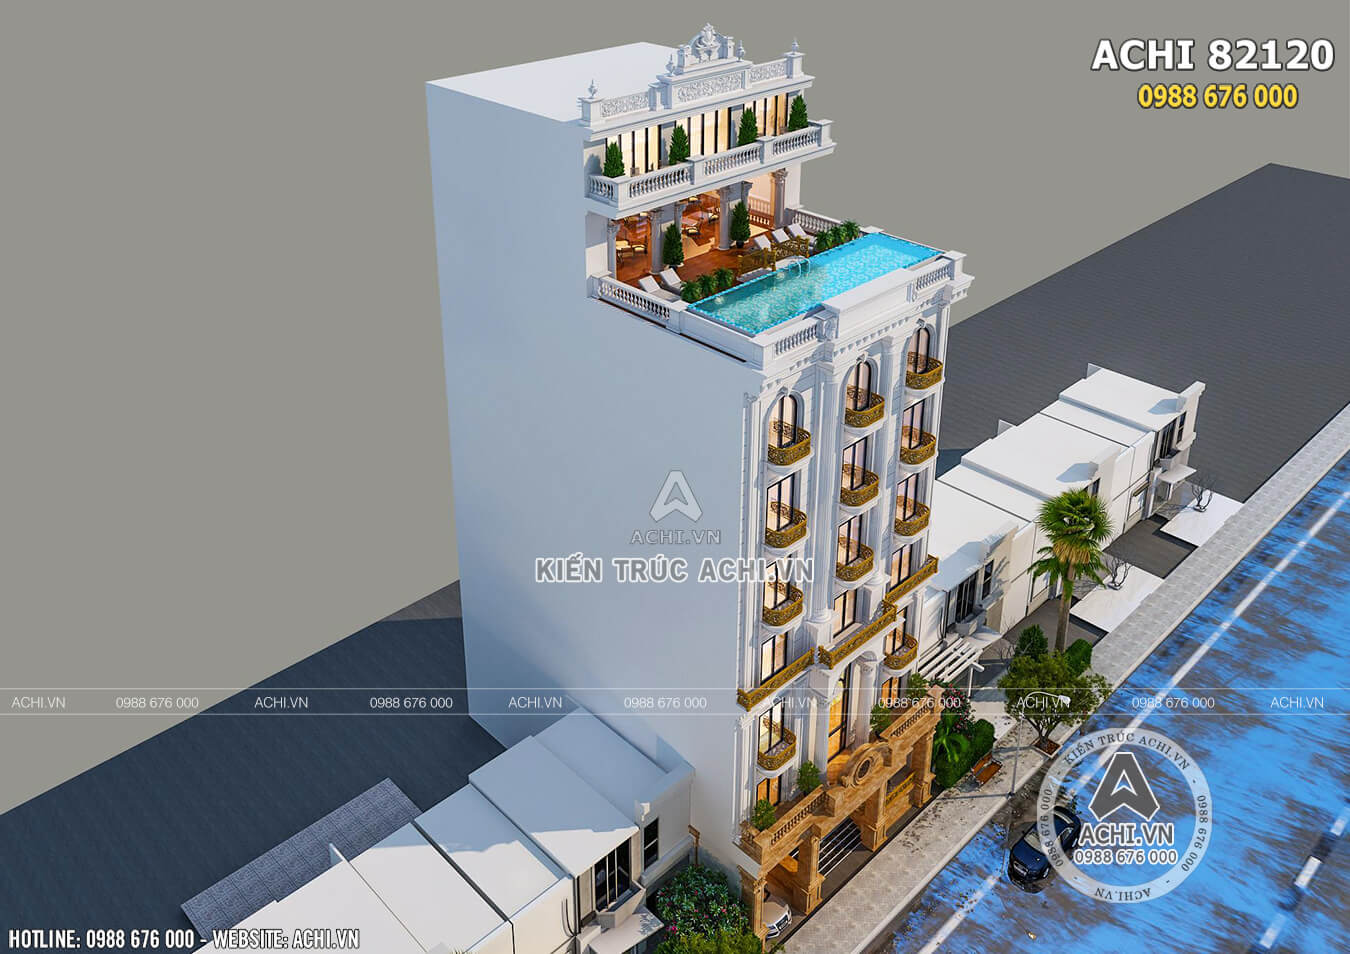 Thiết kế khách sạn 8 tầng 3 sao